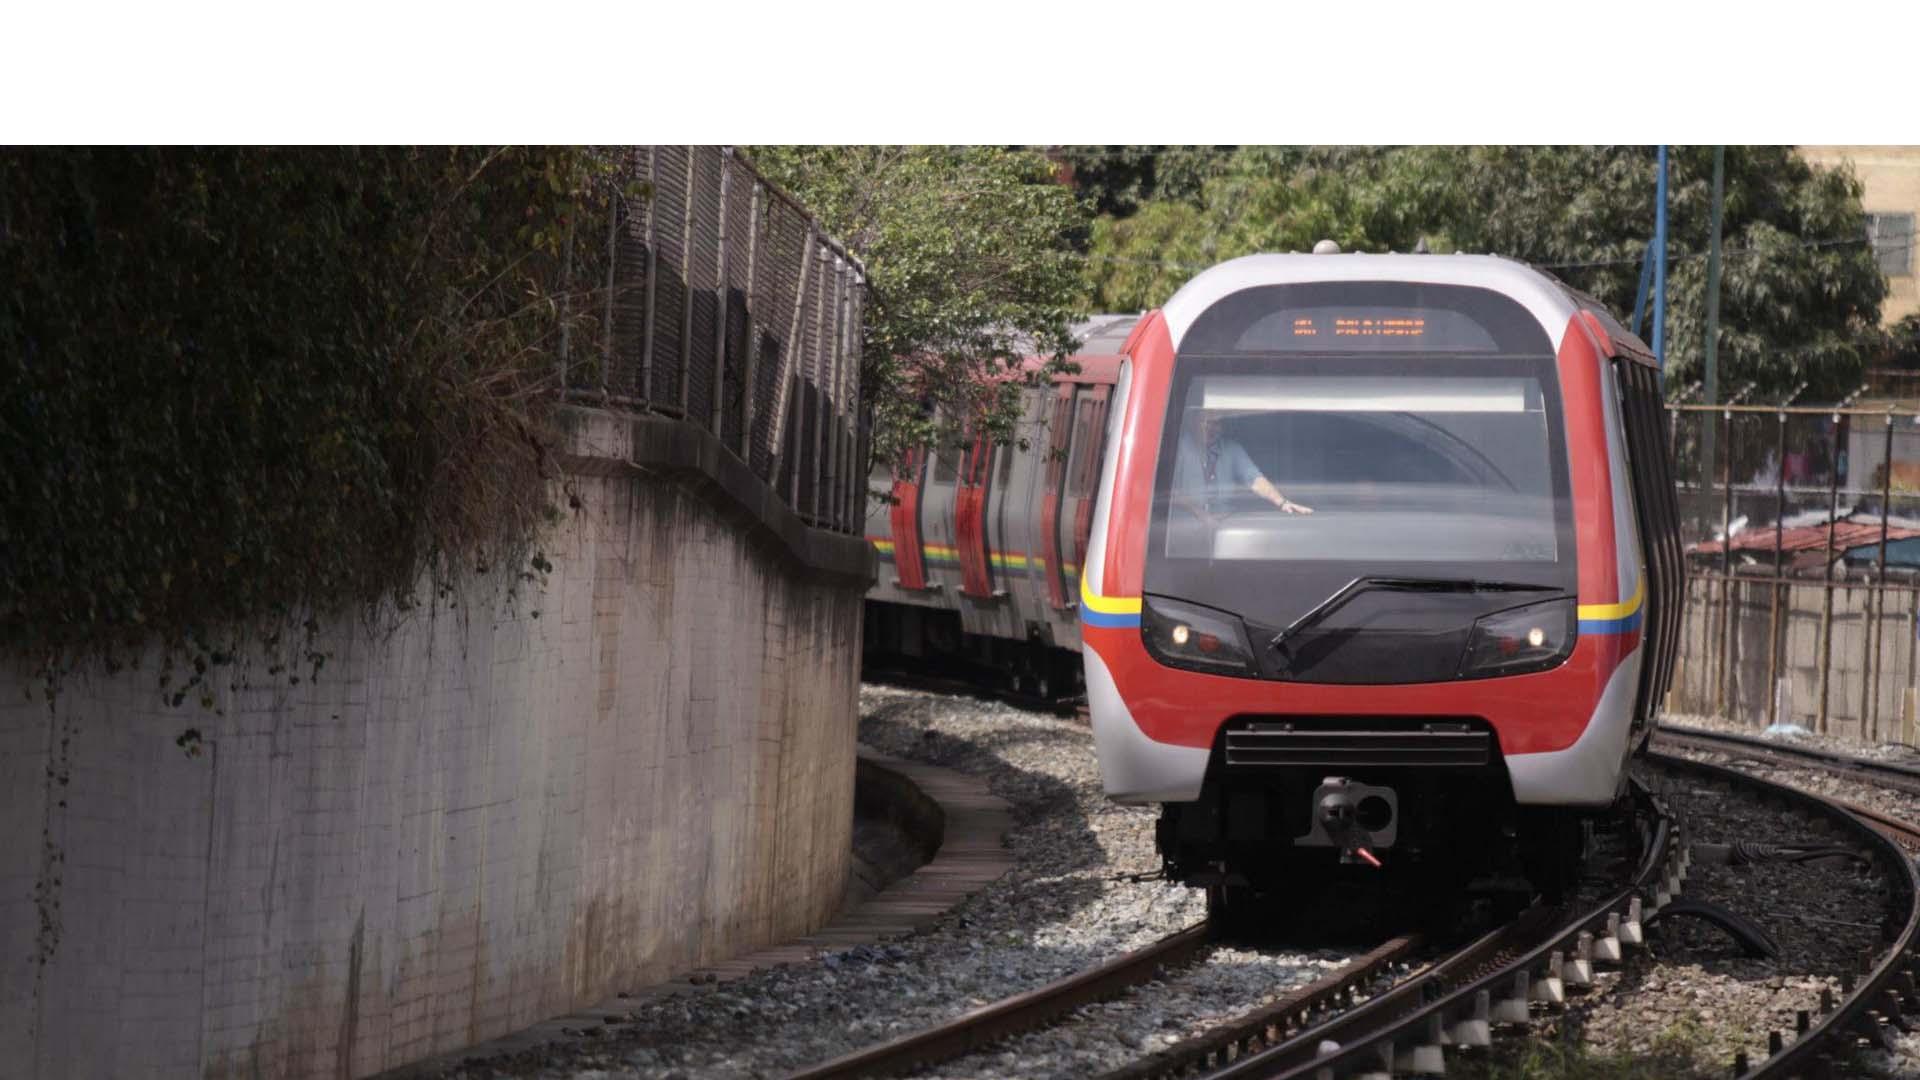 El Estado aprobó un nuevo presupuesto para fortalecer el Metro de Caracas y asegurar el éxito de la misión transporte en pro de la vialidad nacional